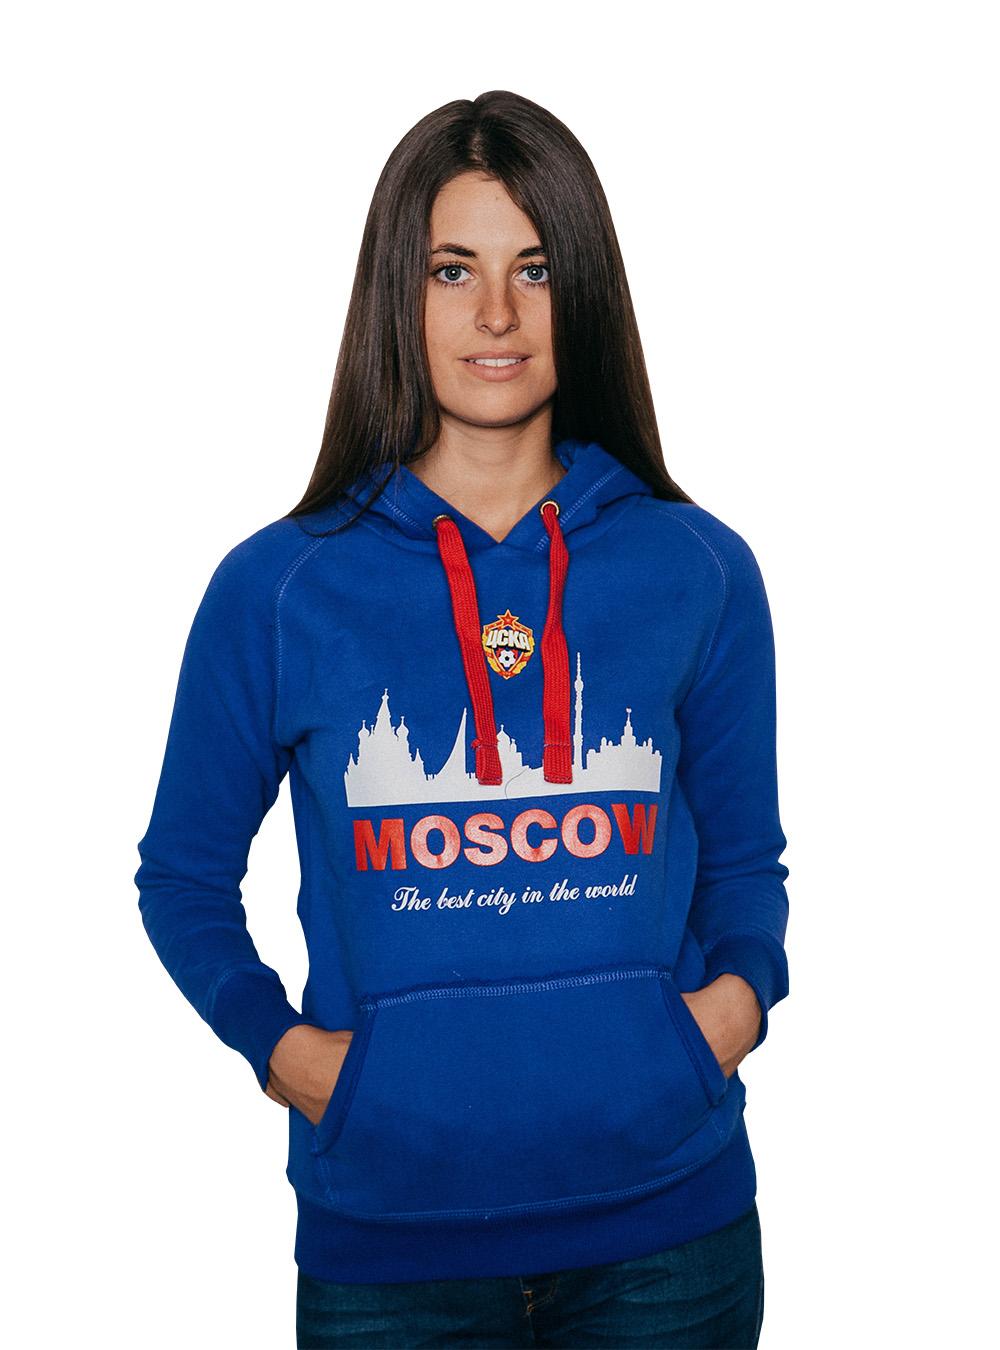 Толстовка женская CITY, цвет синий (XS)Ликвидация<br>Толстовка женская CITY, цвет синий<br>